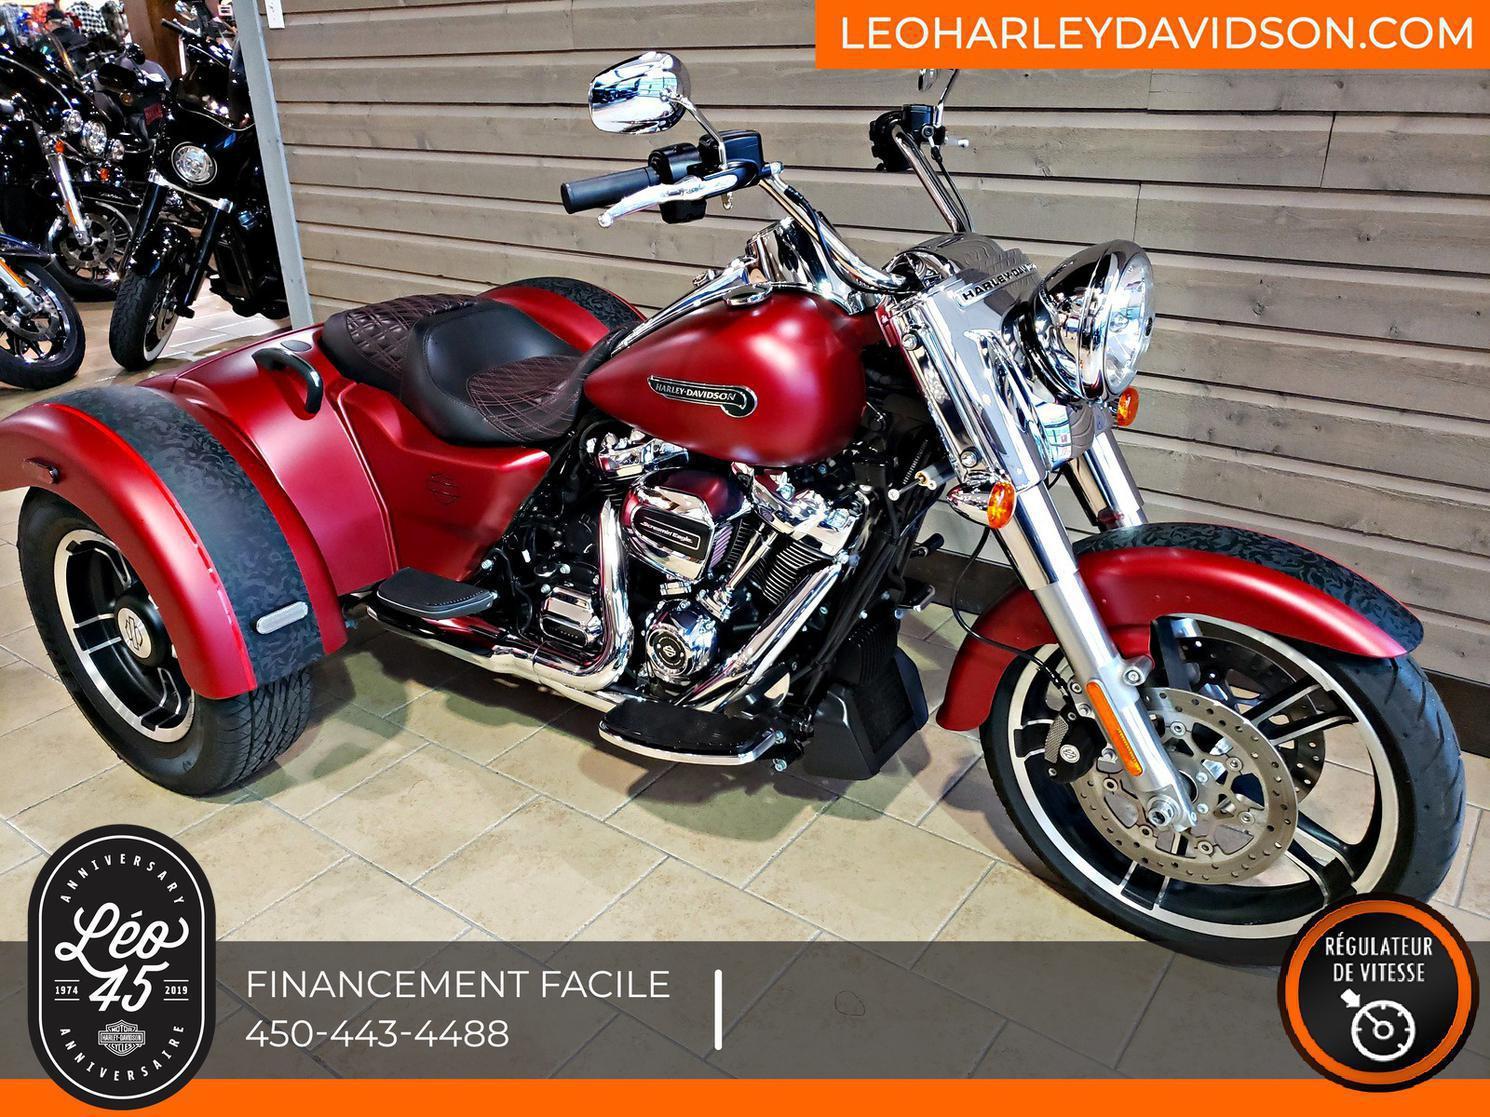 2019 Harley-Davidson FL-Freewheeler - FLRT